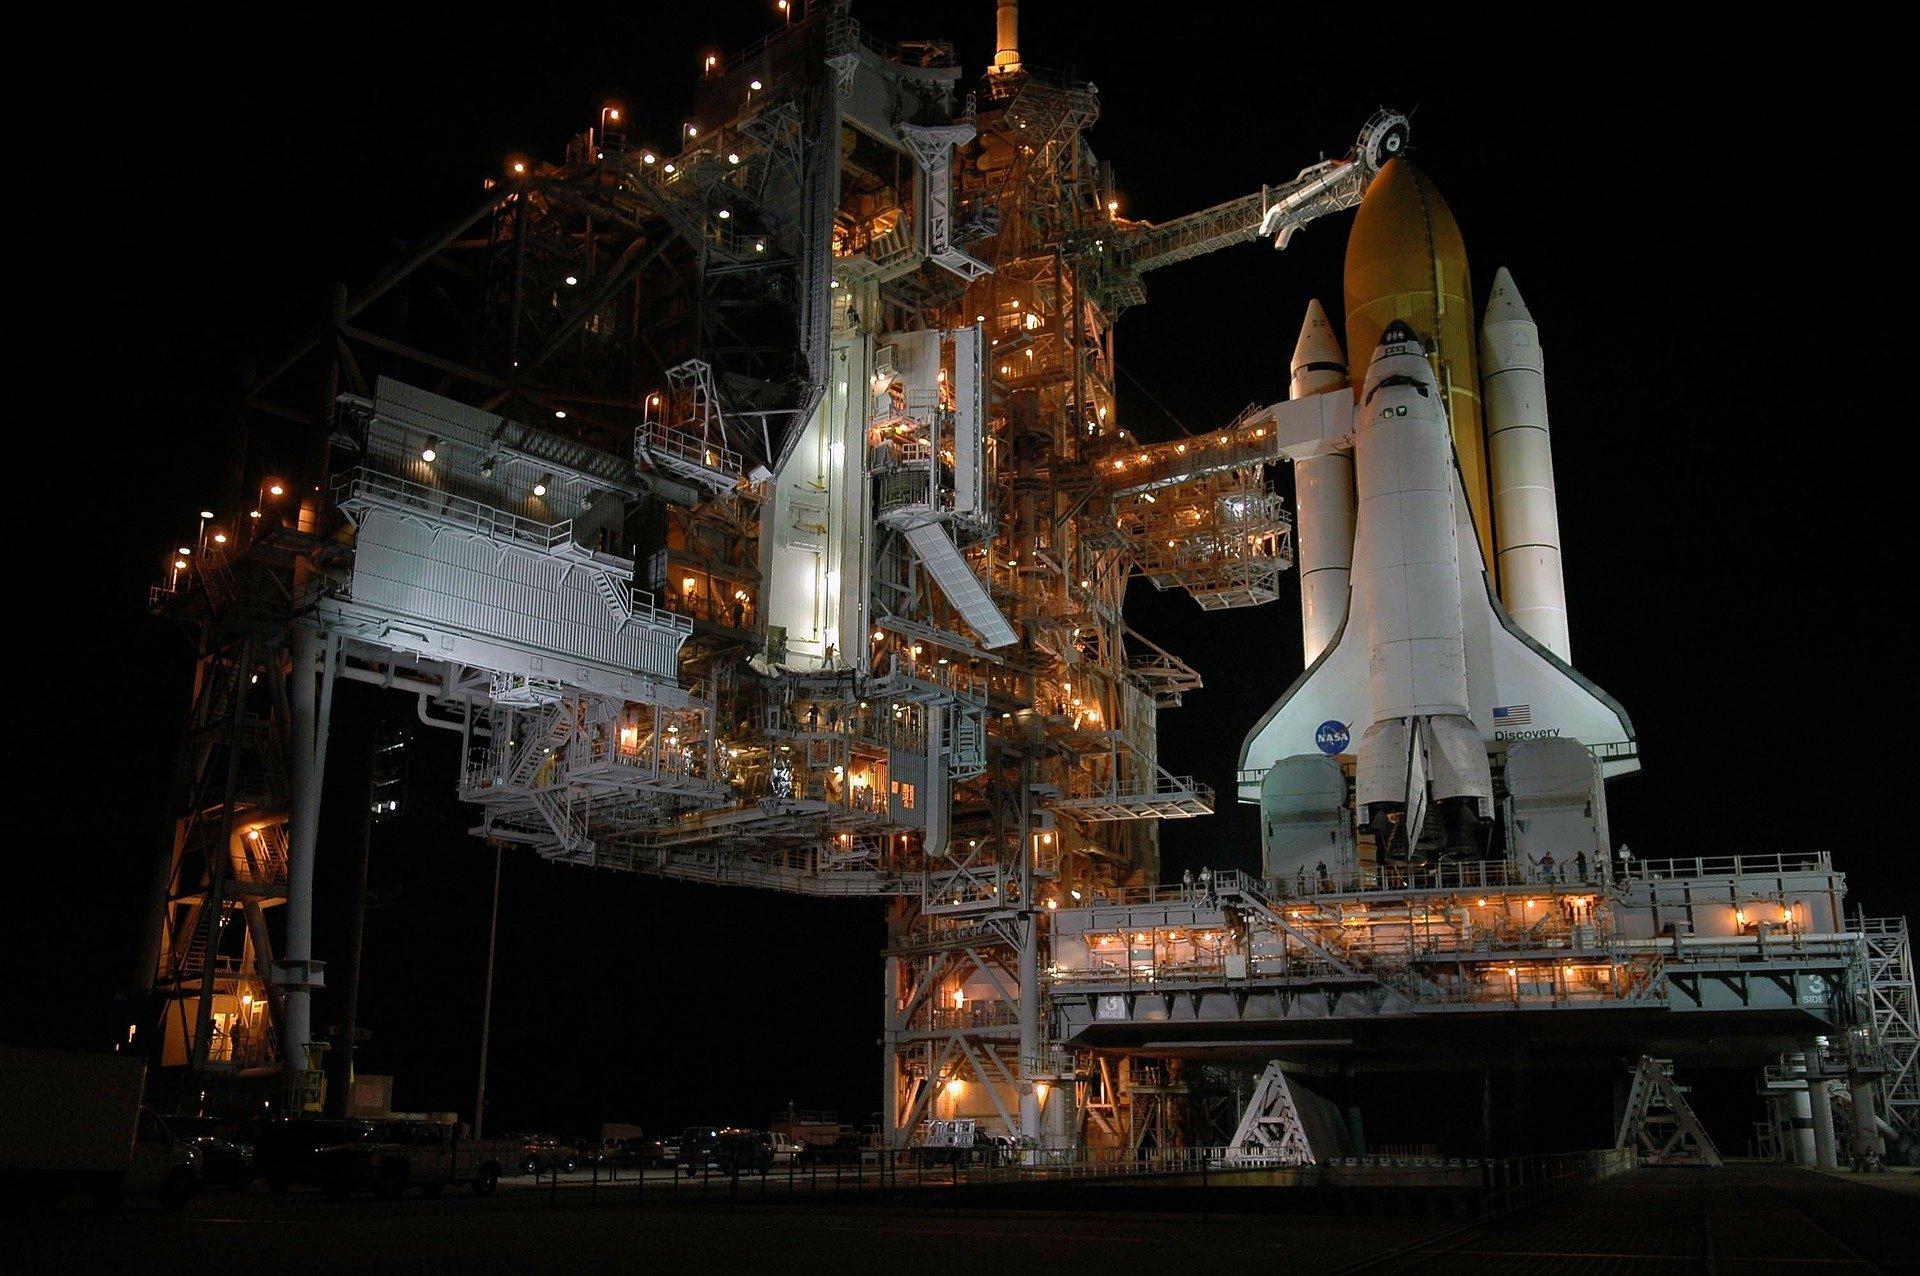 launch-pad-67650_1920